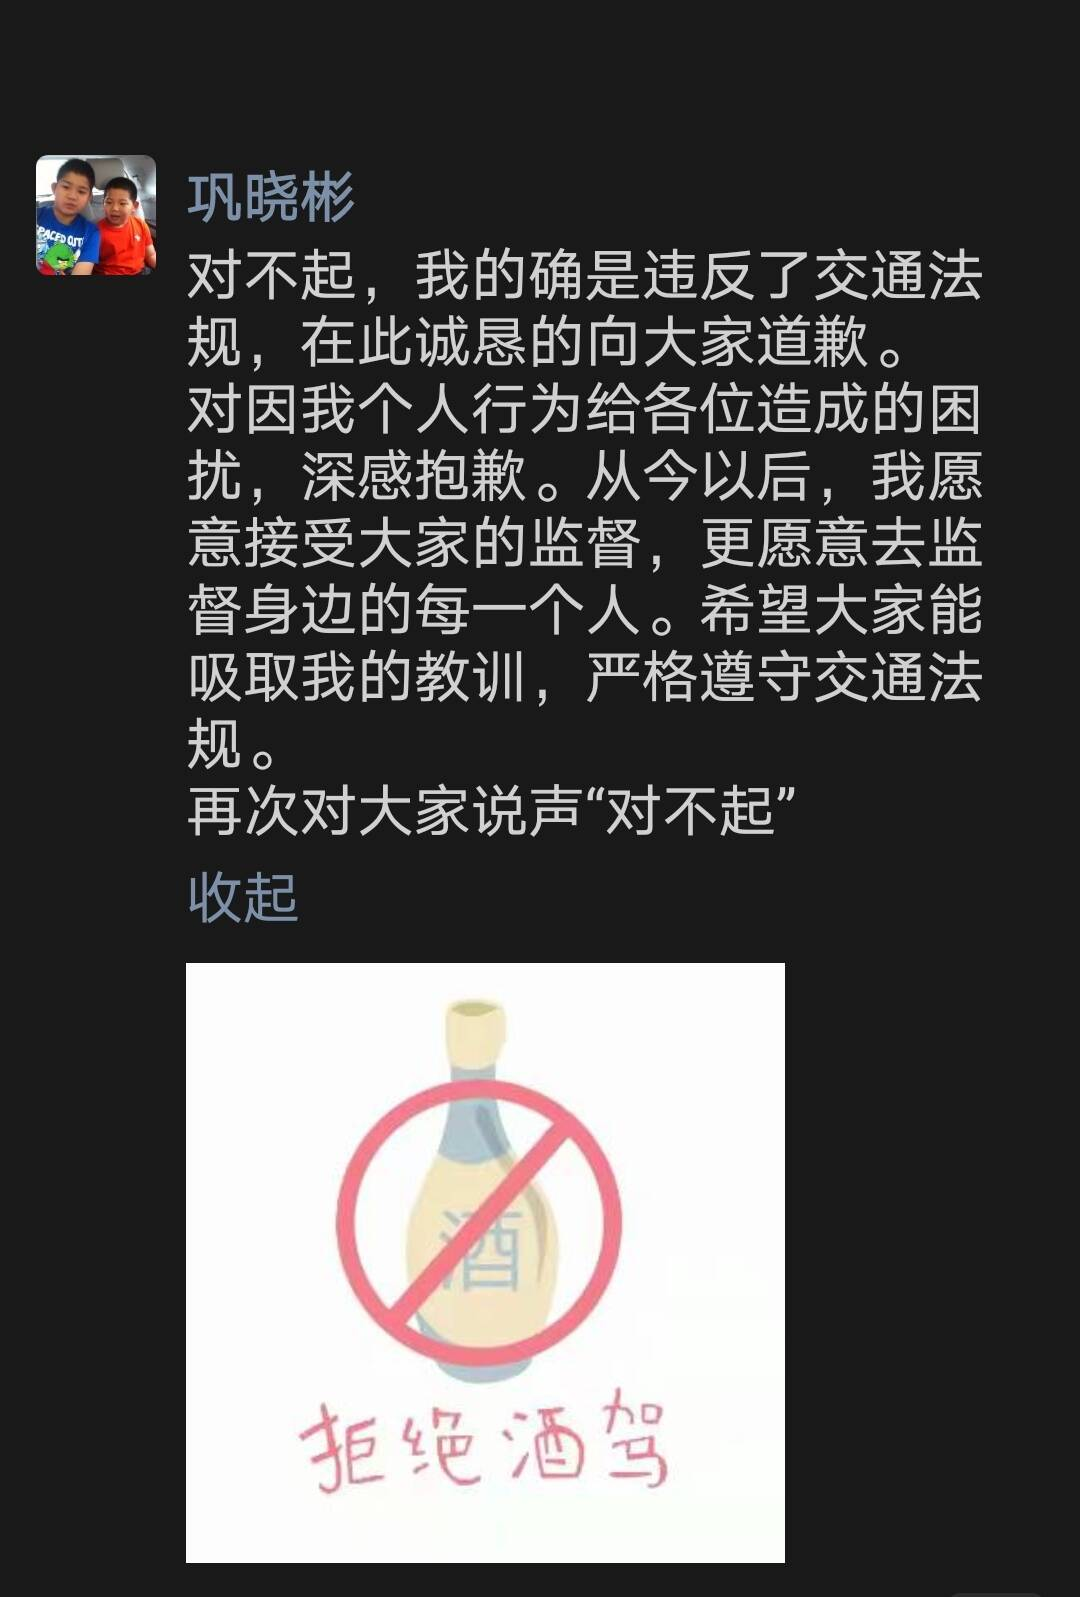 巩晓彬:我的确是违反了交通法规 对大家说声对不起